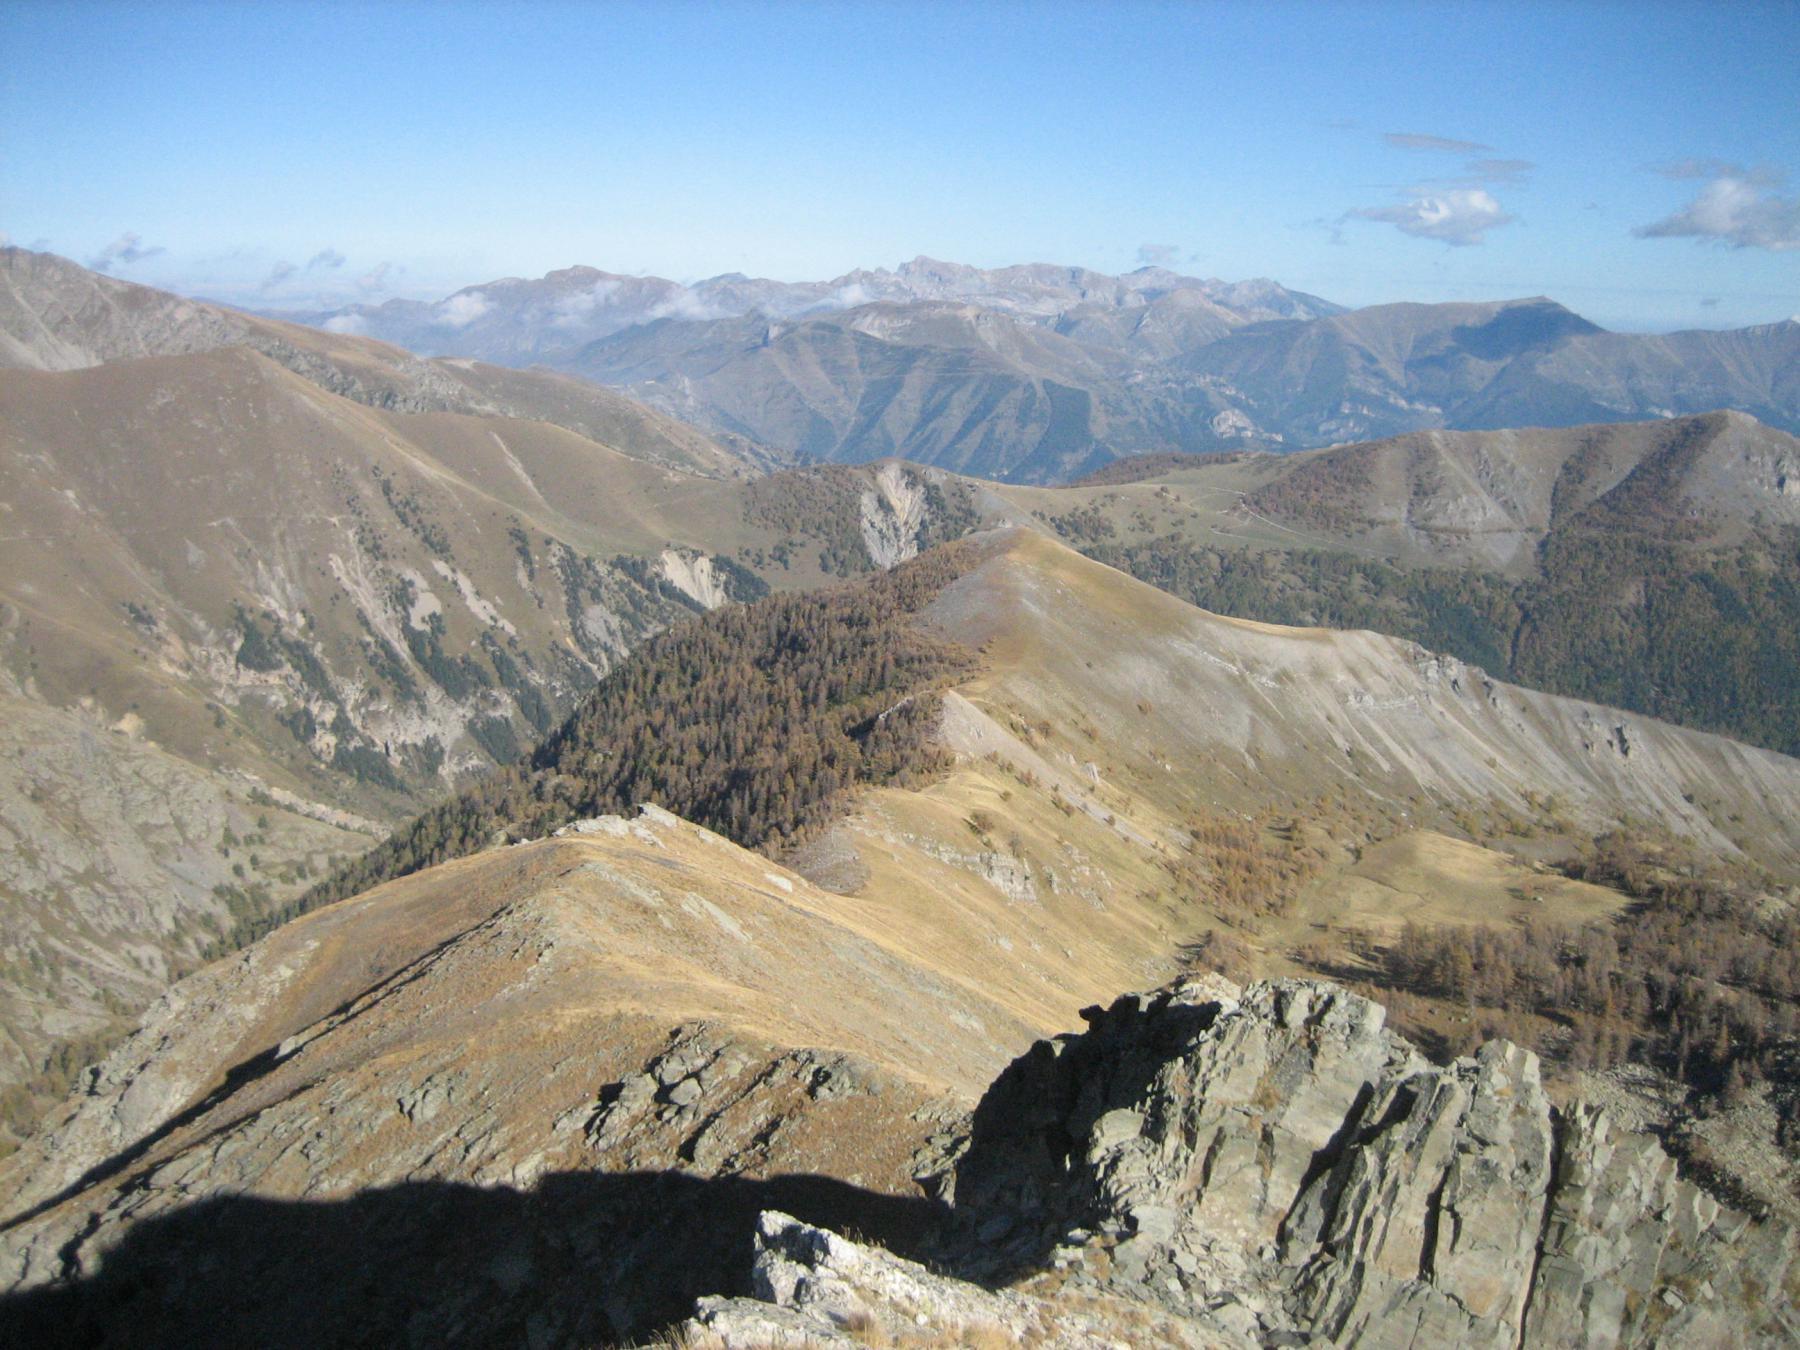 Ultime difficoltà e Col di Tenda in lontananza.